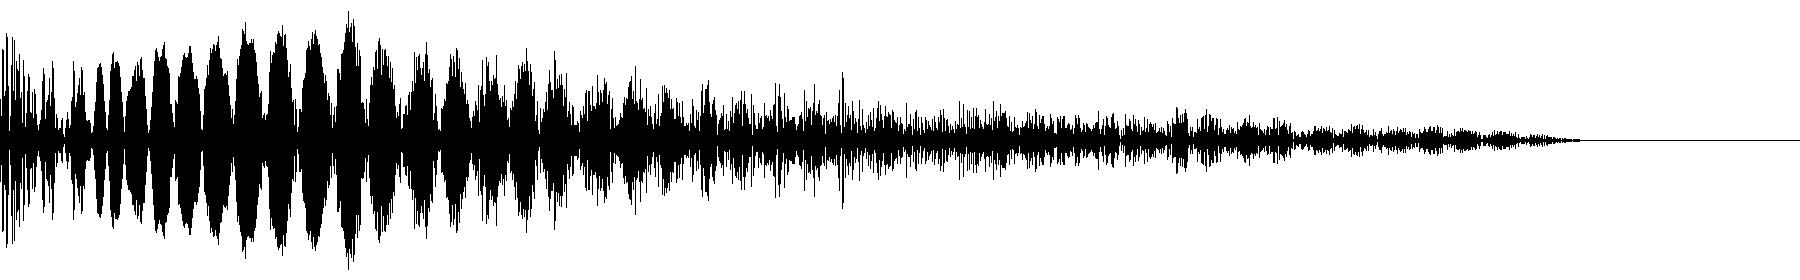 snare basic